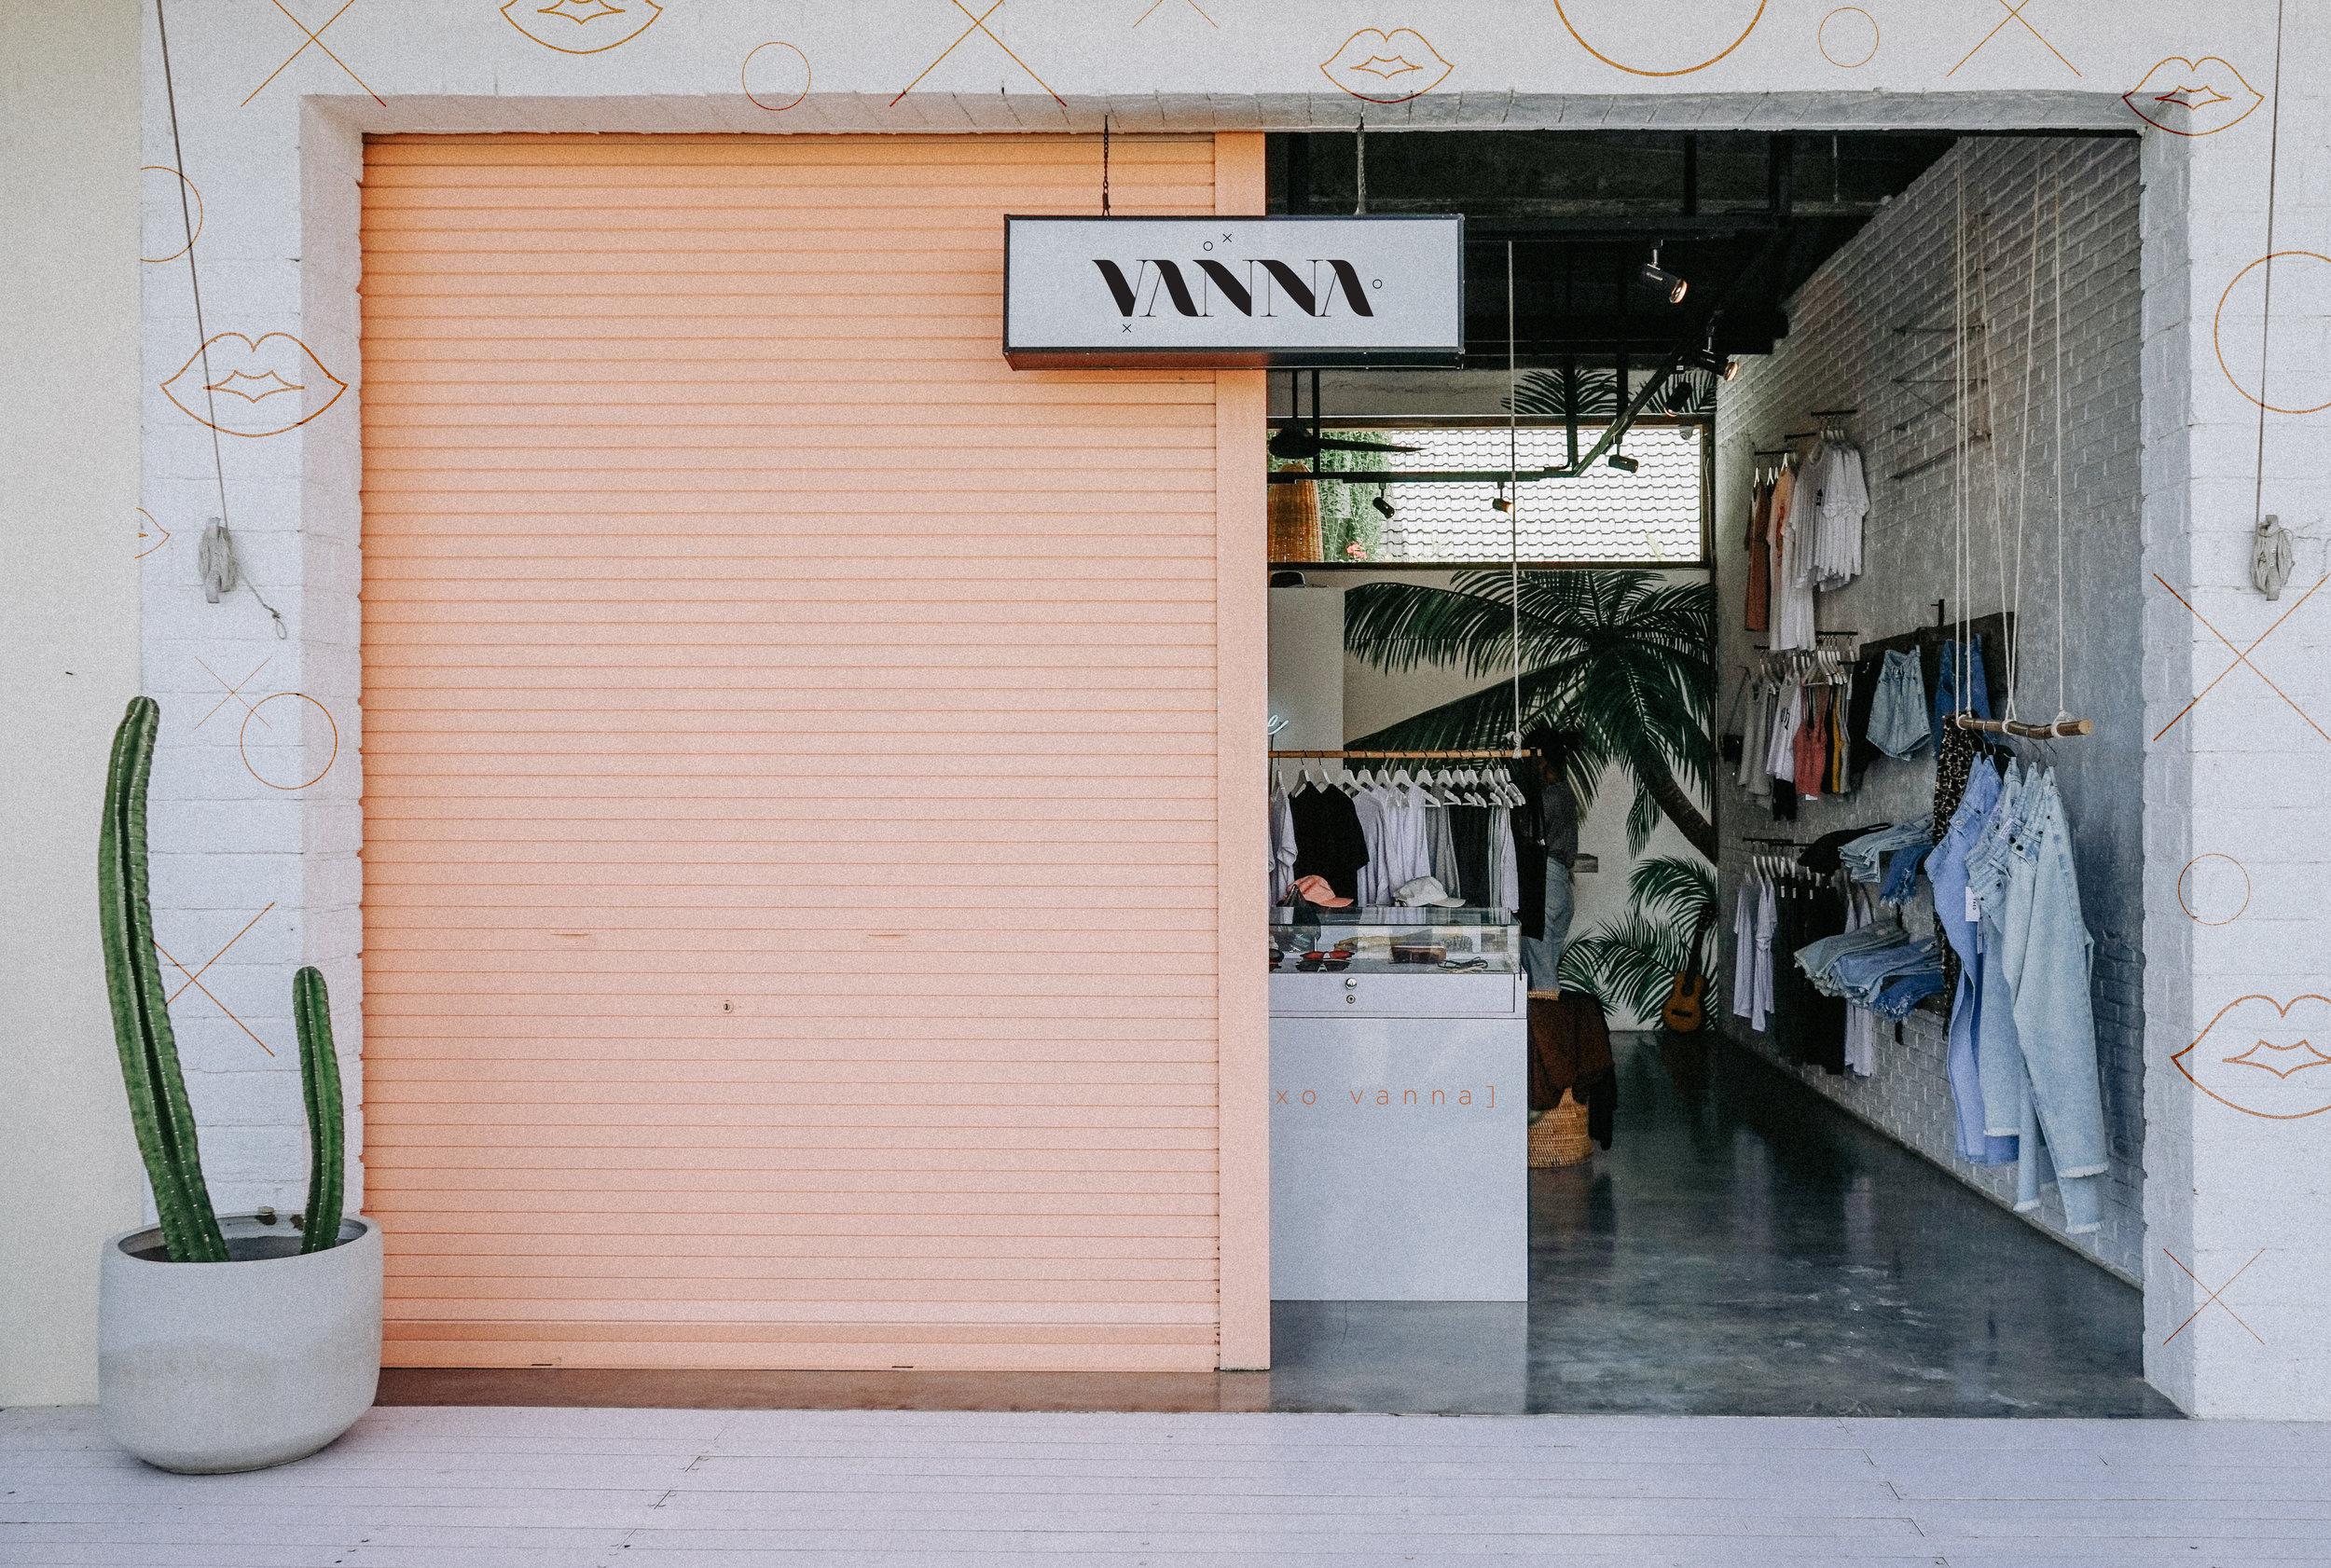 XOXO VANNA |  view full project